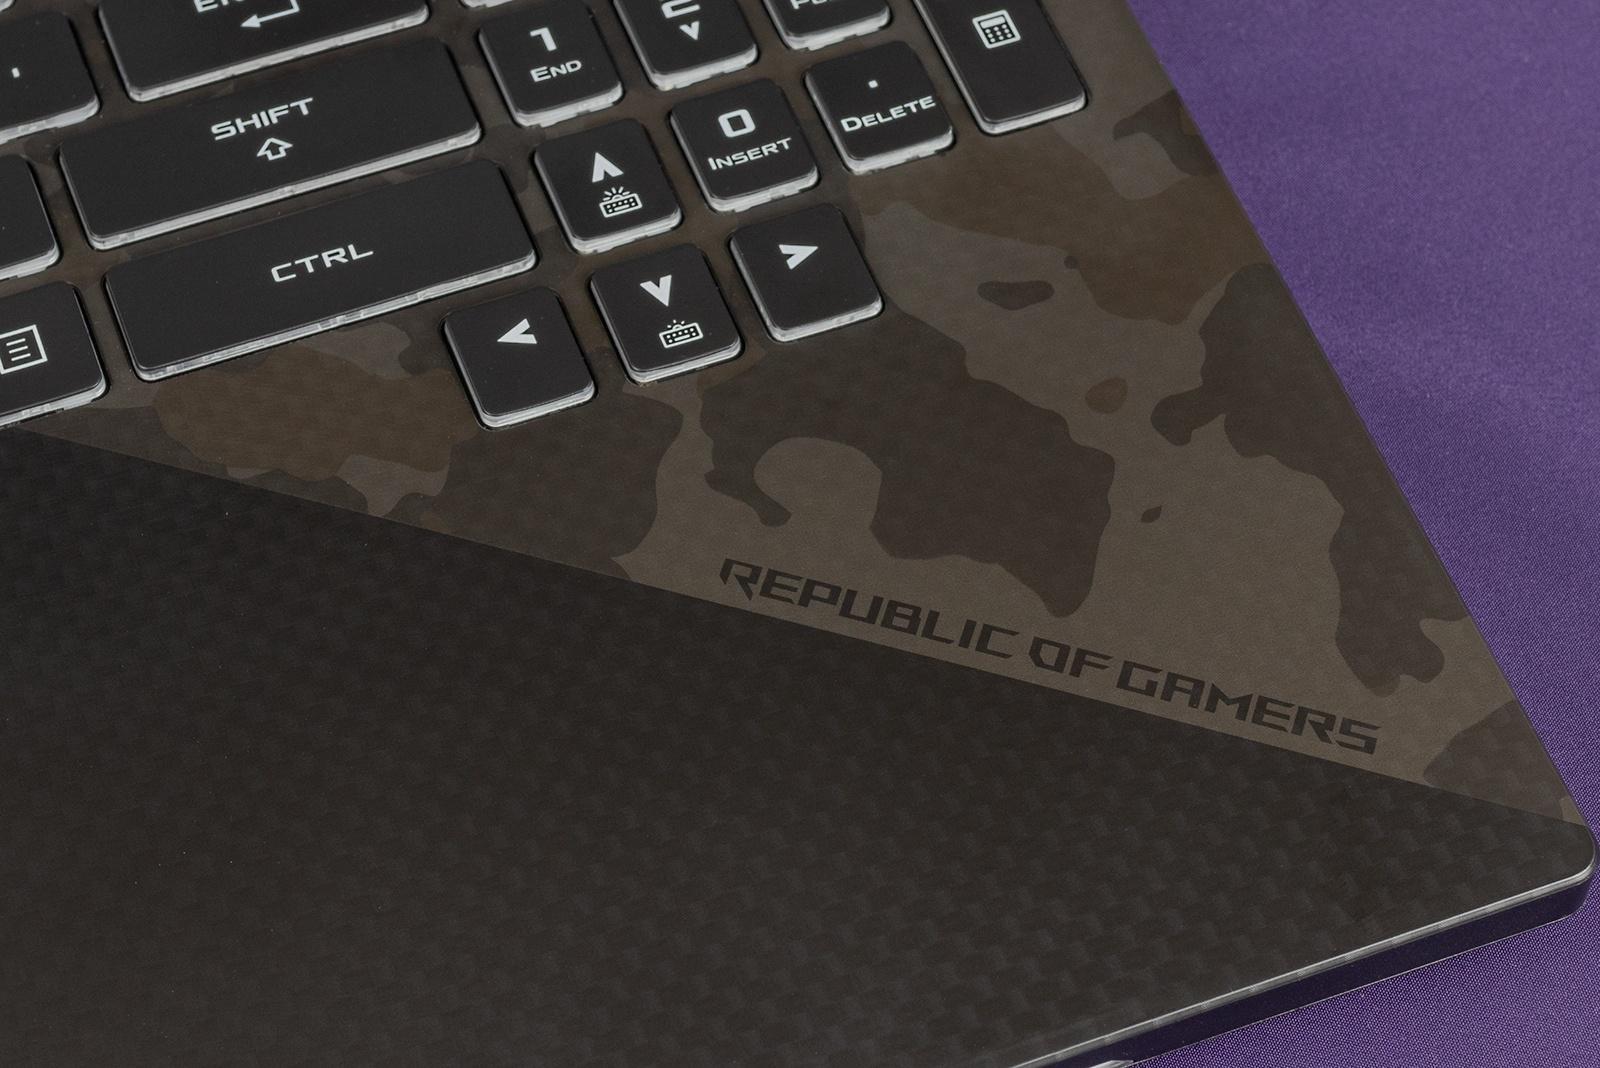 Обзор игровых ноутбуков ASUS ROG Strix GL504GS SCAR II и ASUS ROG Strix GL504GM HERO II - 22